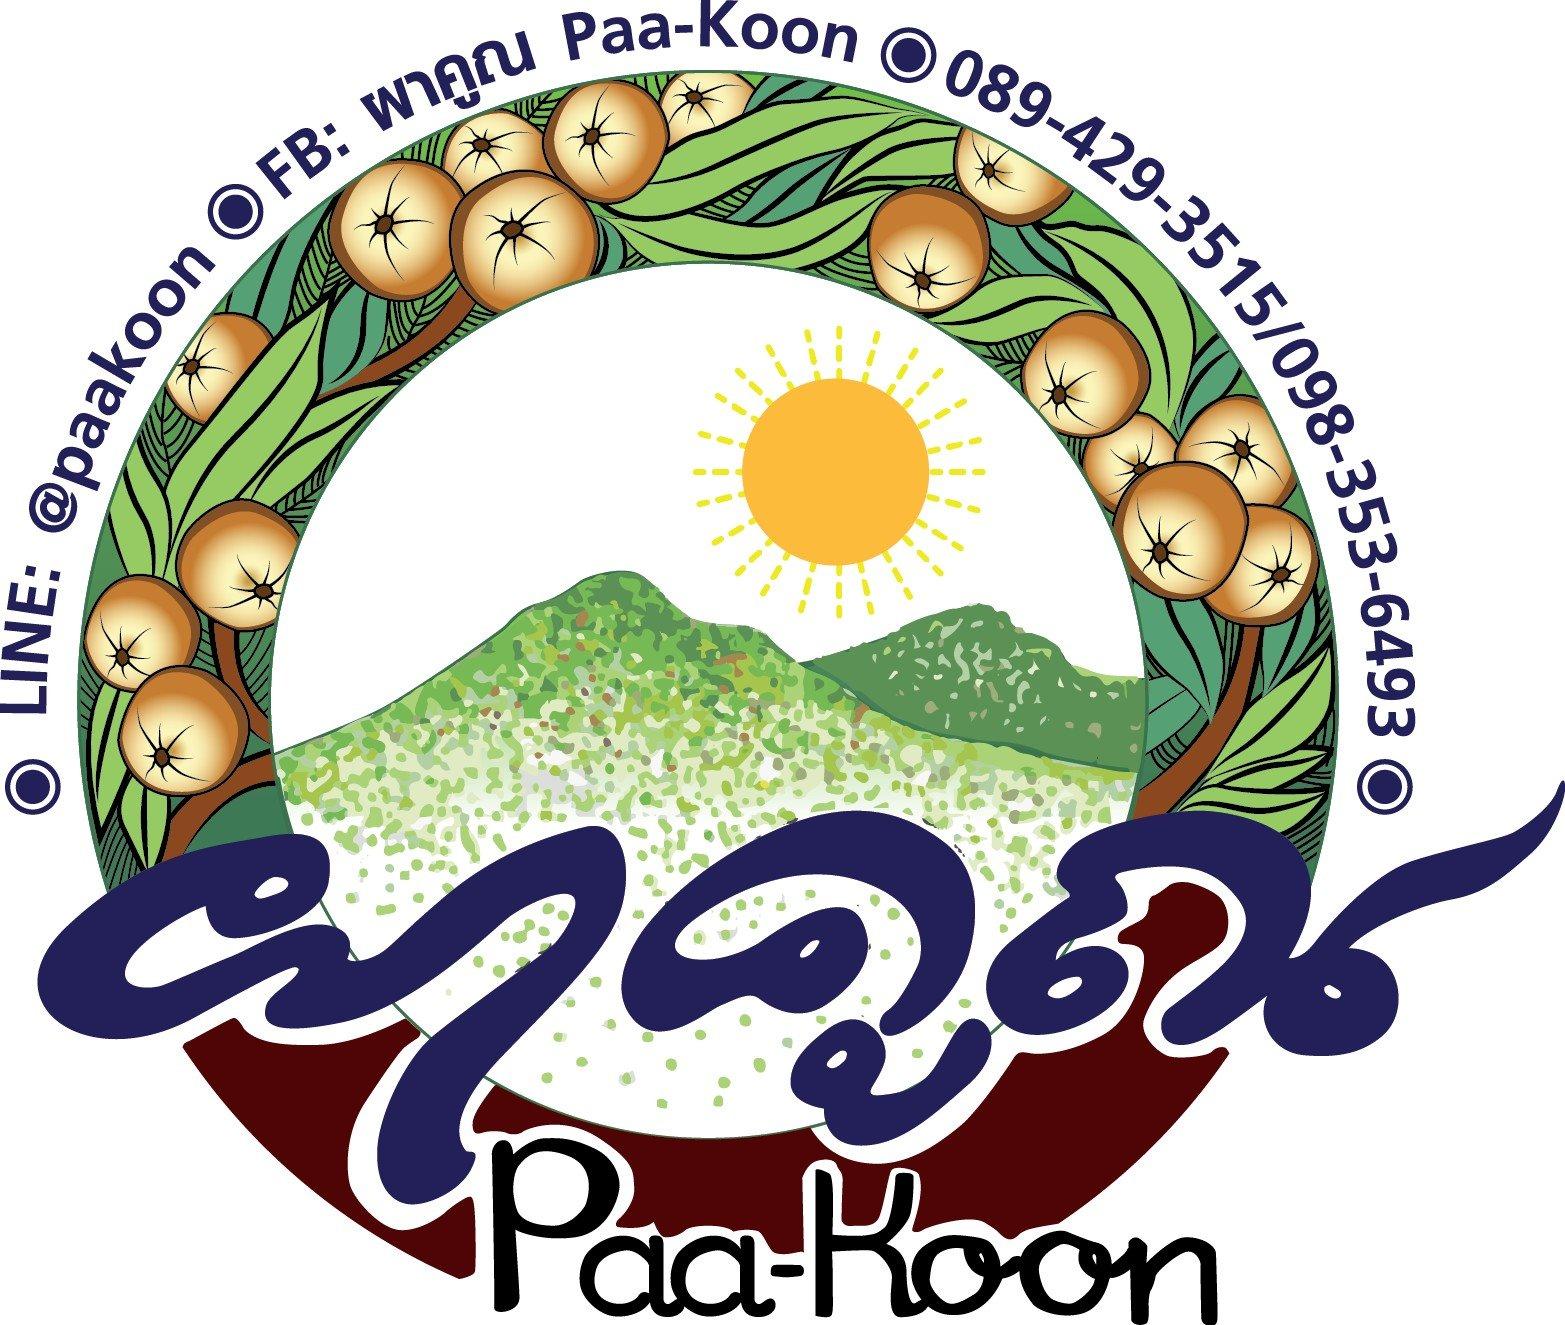 PaaKoon